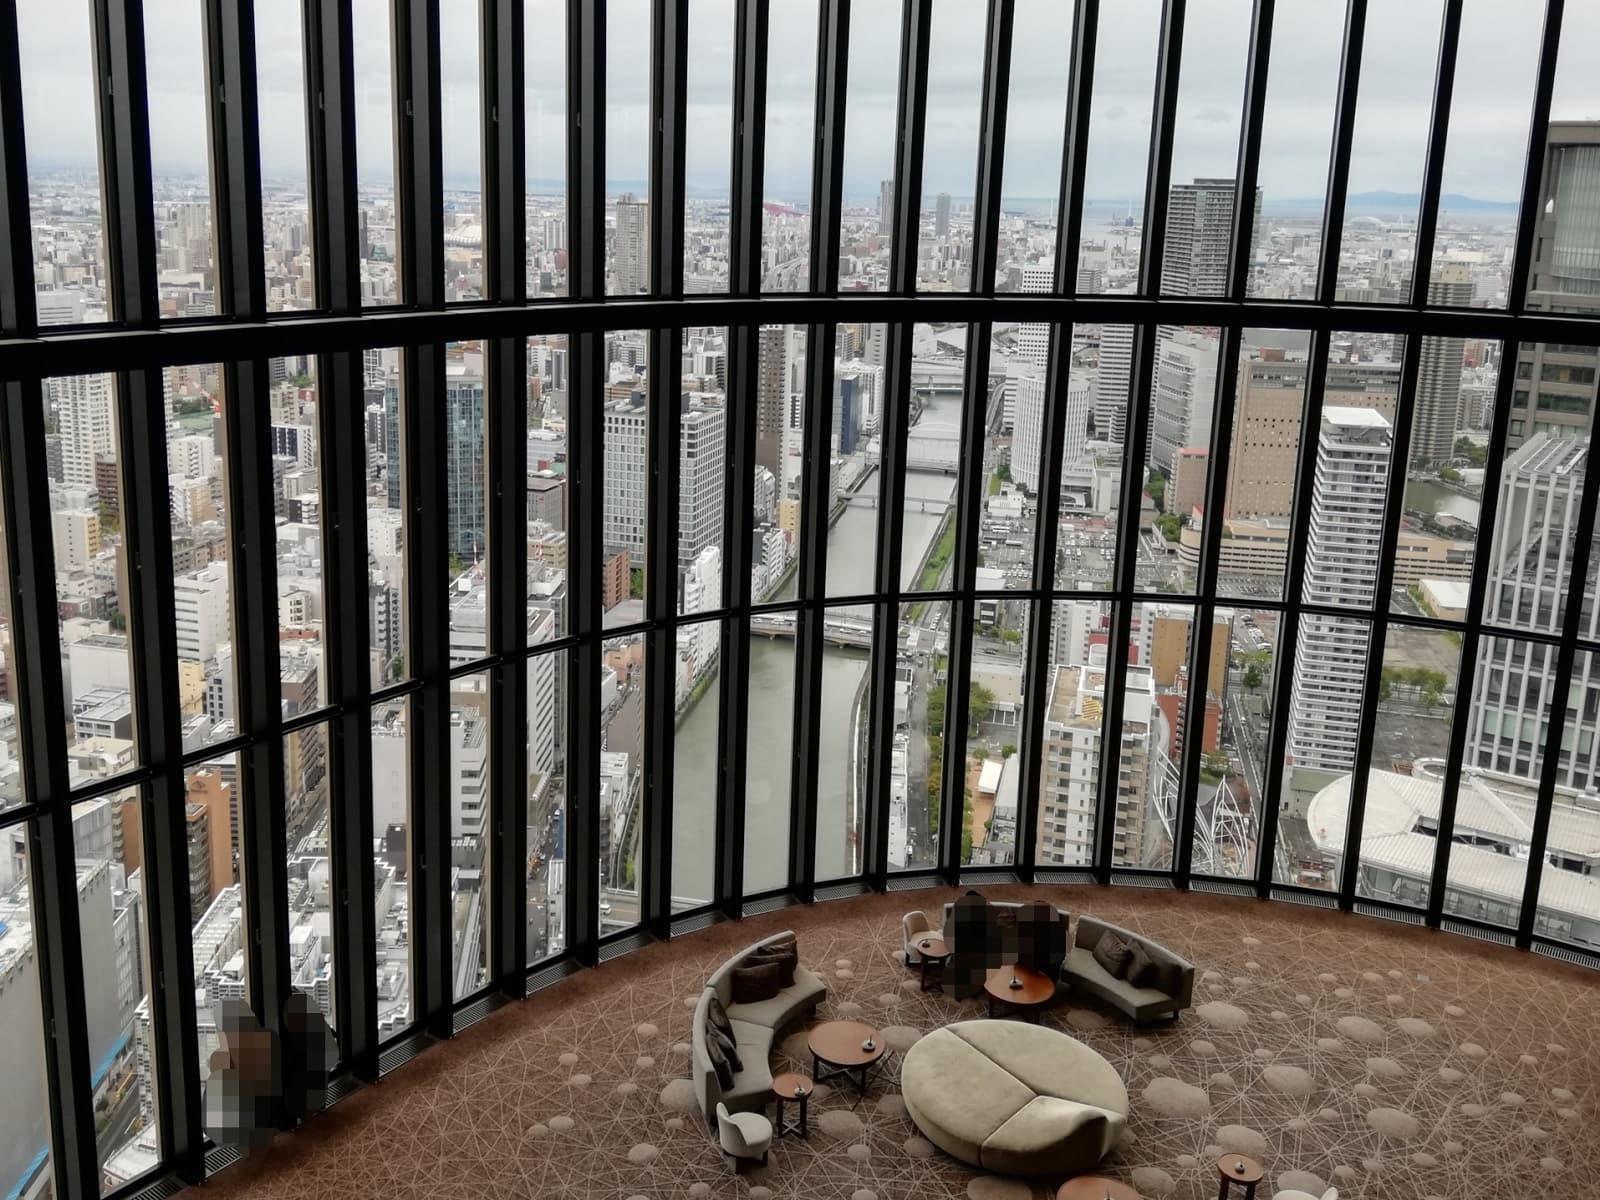 コンラッド大阪40階からの眺め